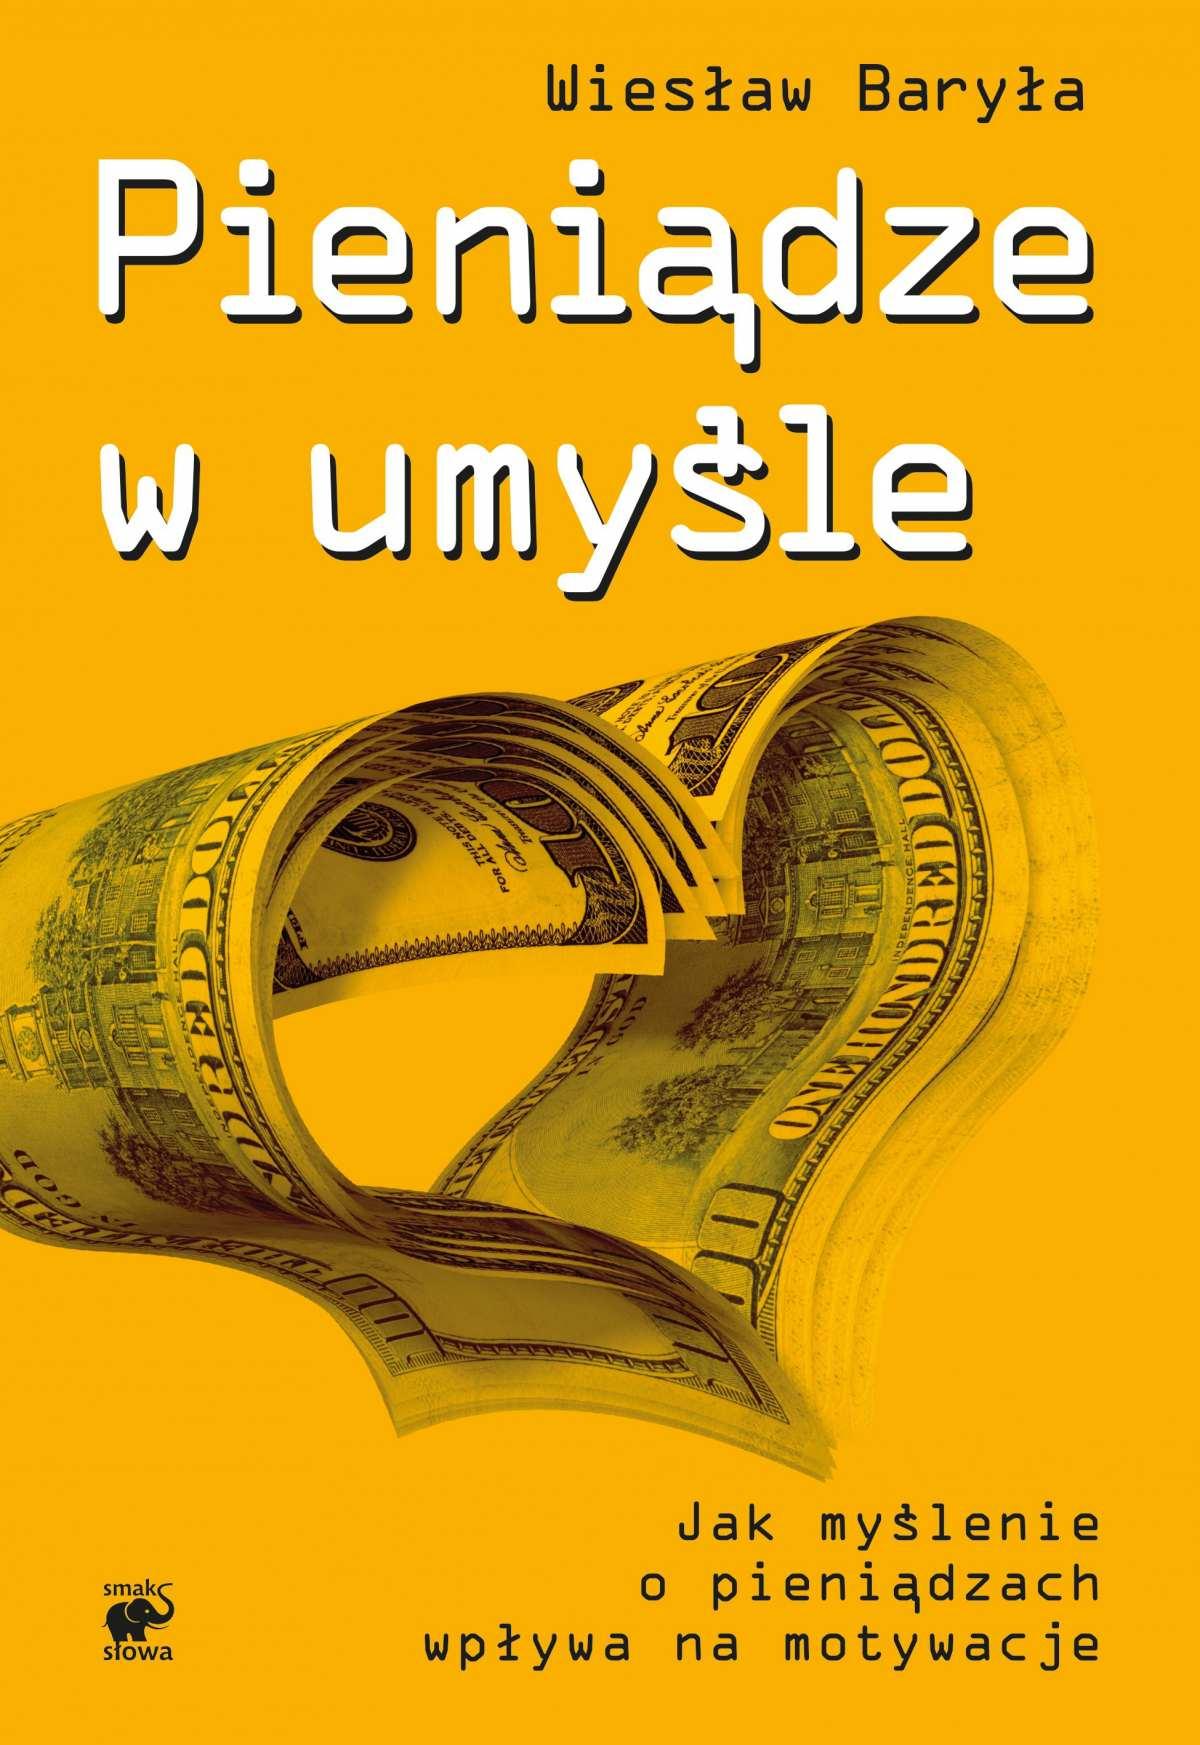 Pieniądze w umyśle - Ebook (Książka EPUB) do pobrania w formacie EPUB